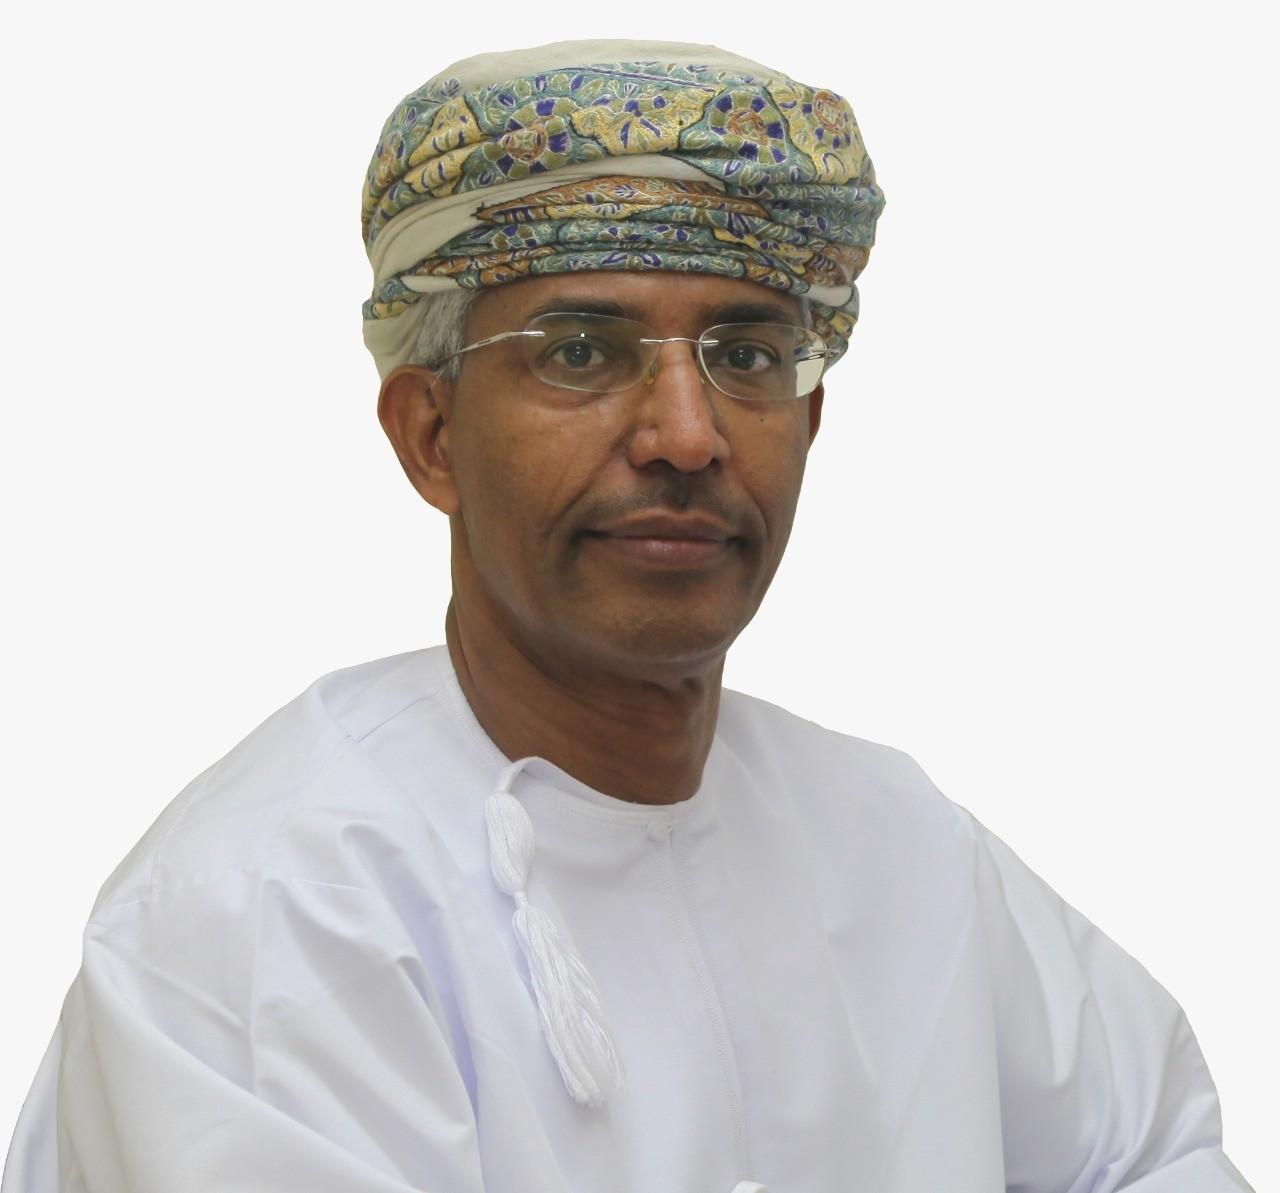 الدكتور عبدالله بن راشد بن هويشل العاصمي.jpeg